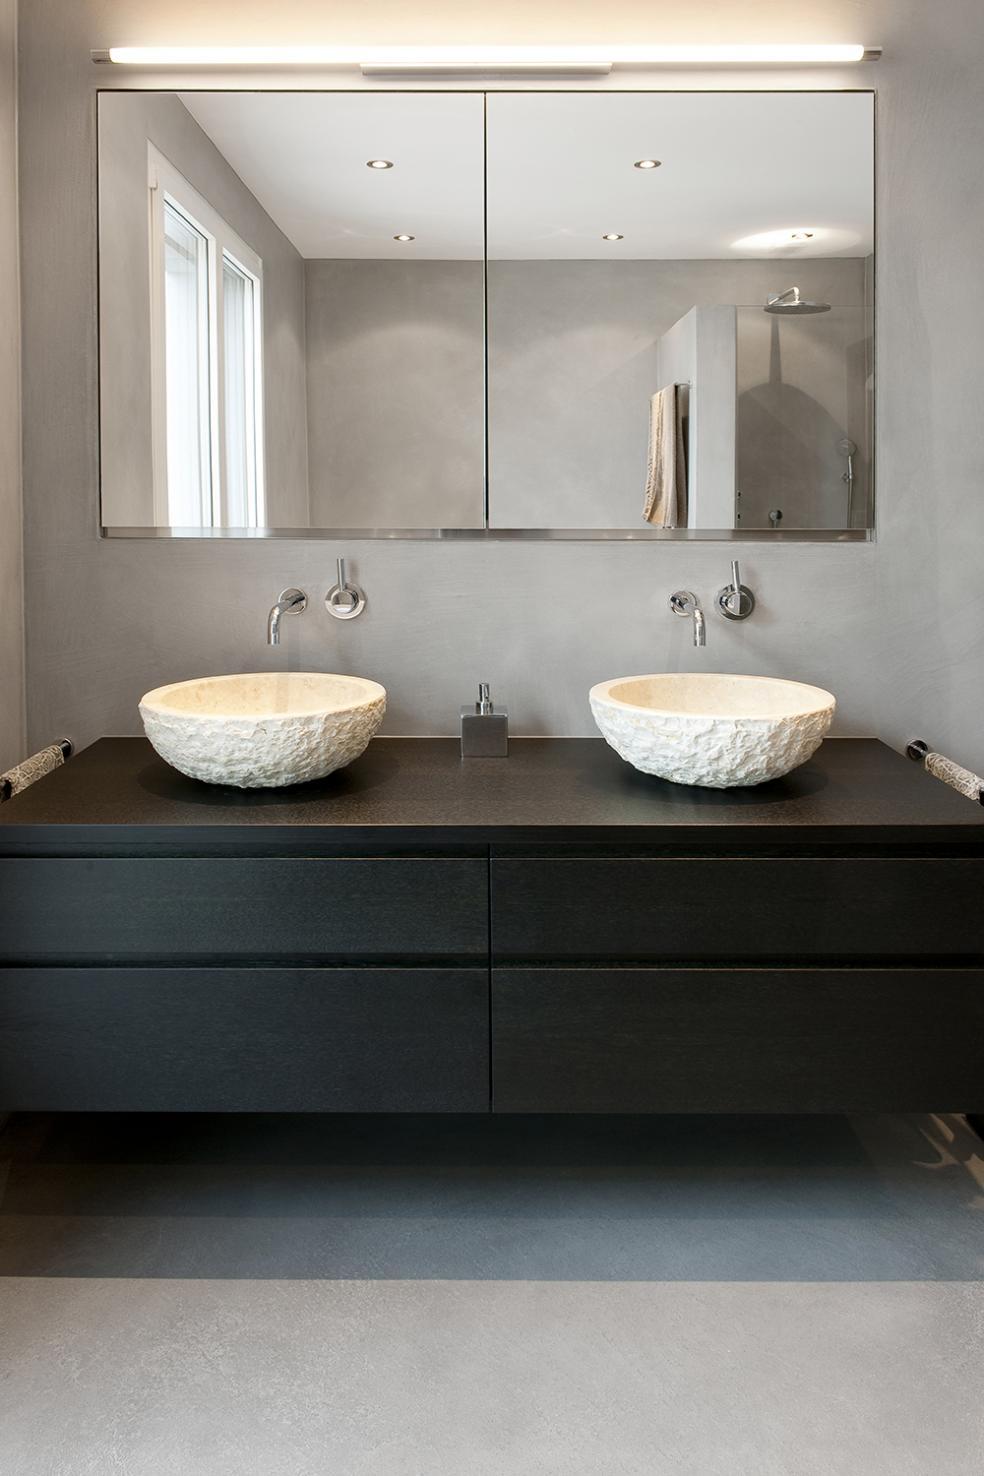 Bodarto Badezimmergestaltung Boden Und Wandbelag Für Badezimmer   Boden Fur  Badezimmer